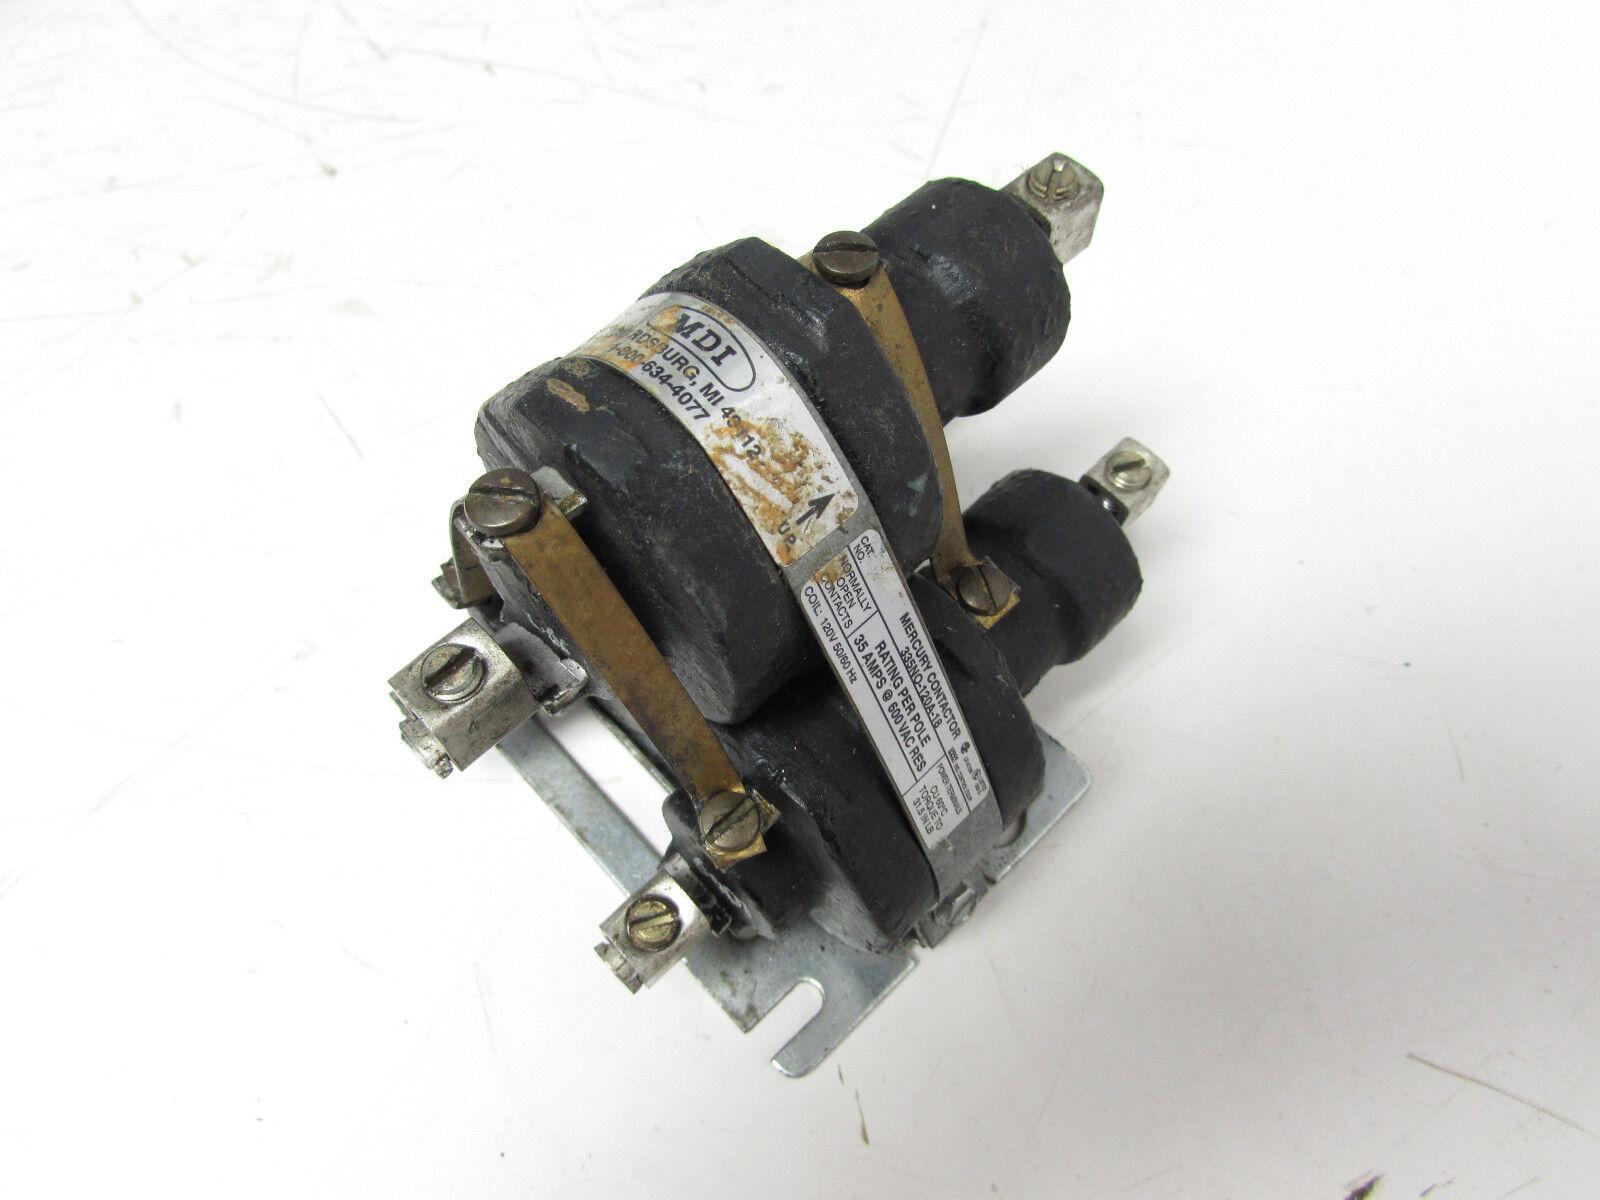 MDI 35A 600VAC RELAY CONTACTOR 335NO-120A-18